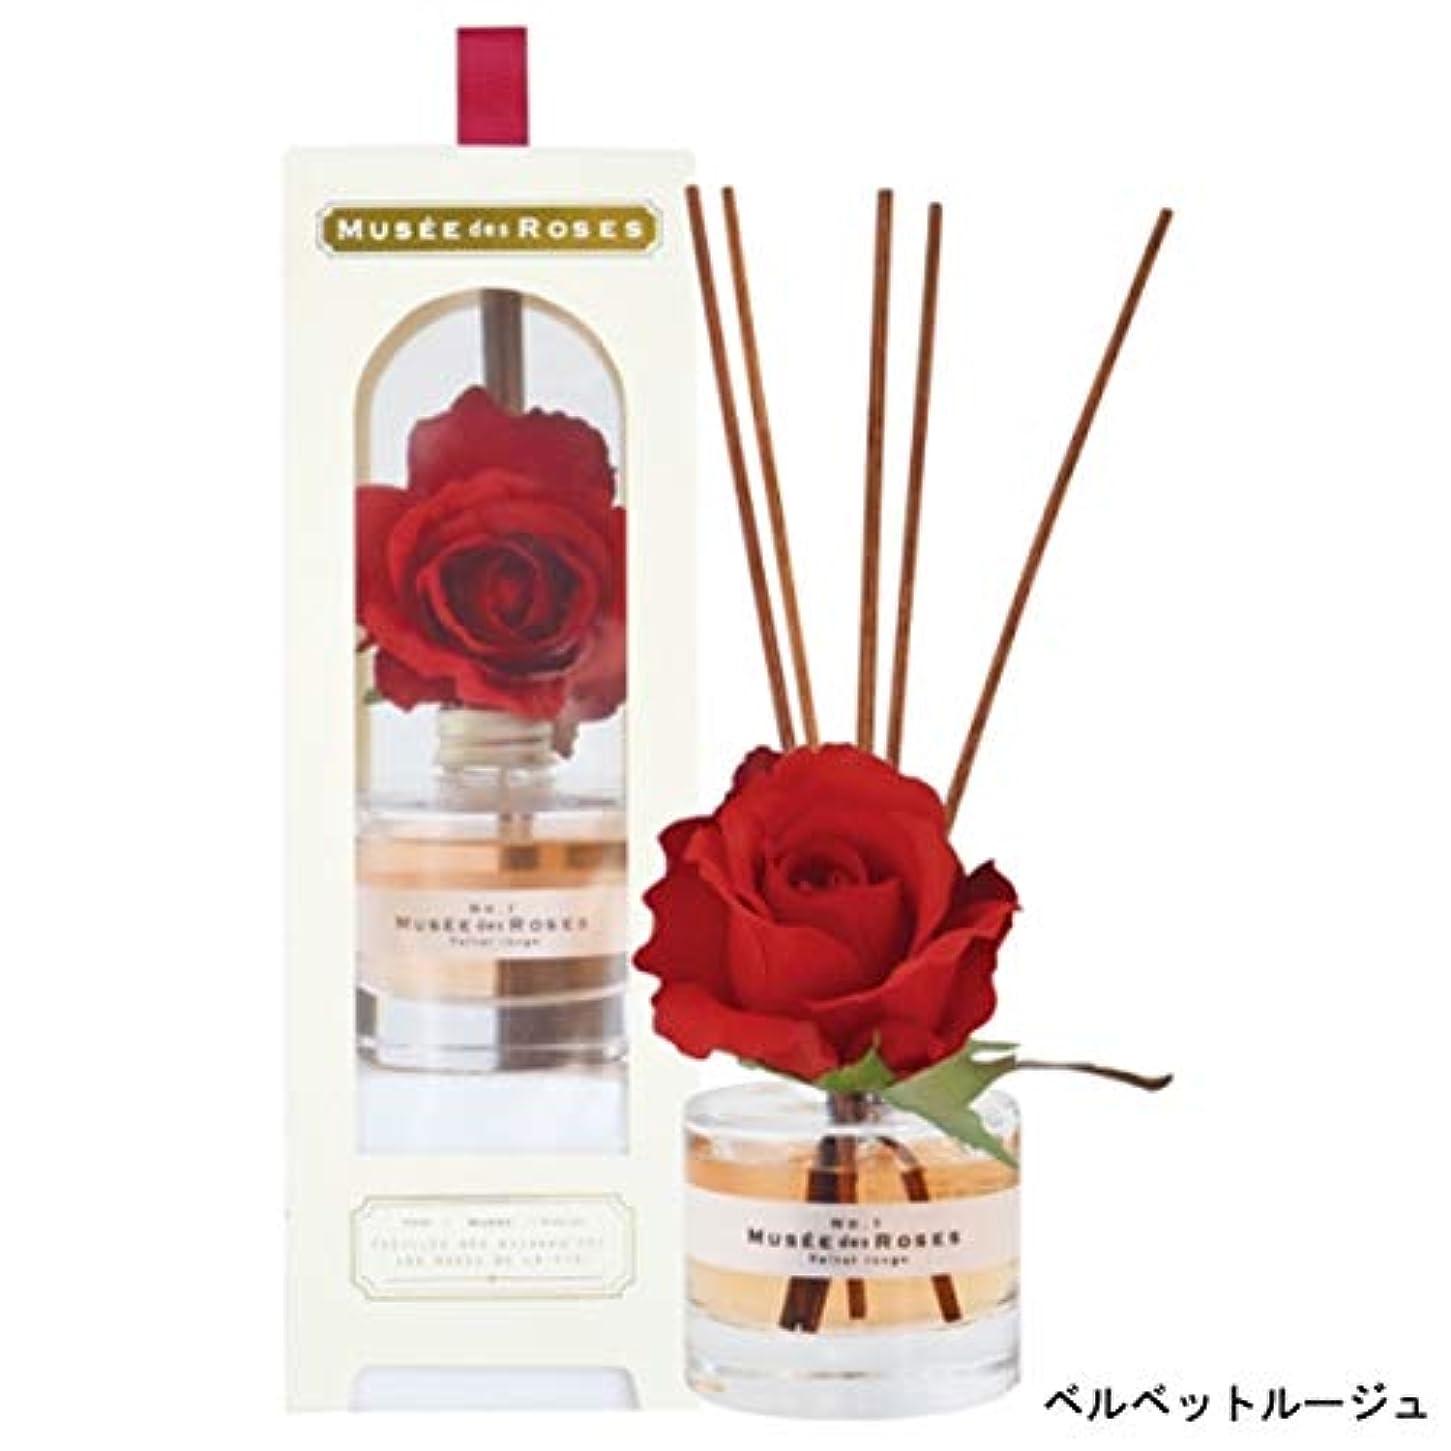 継承トロリーバス確認してくださいミュゼドローズ フラワーディフューザー バラ(造花)が付いたリードディフューザー (ベルベットルージュ)